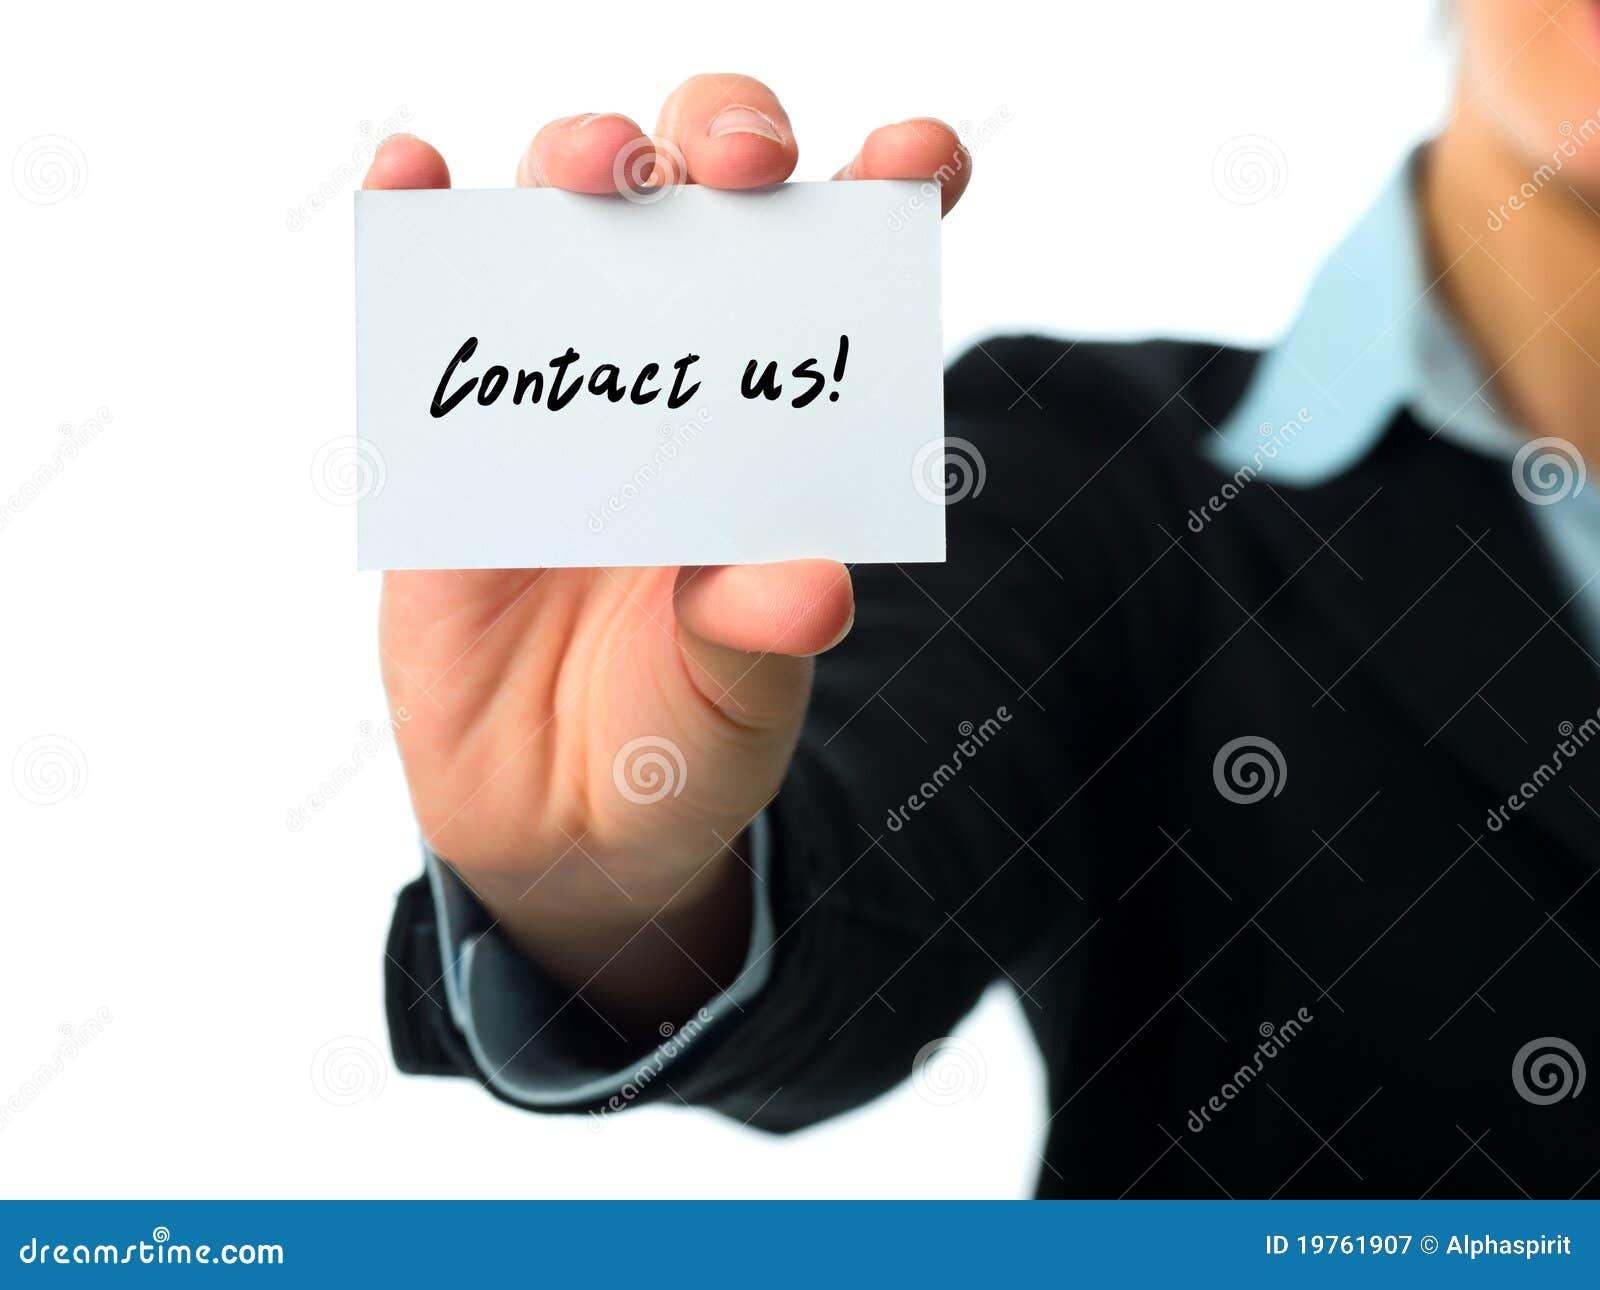 Wizytówka kontakt my